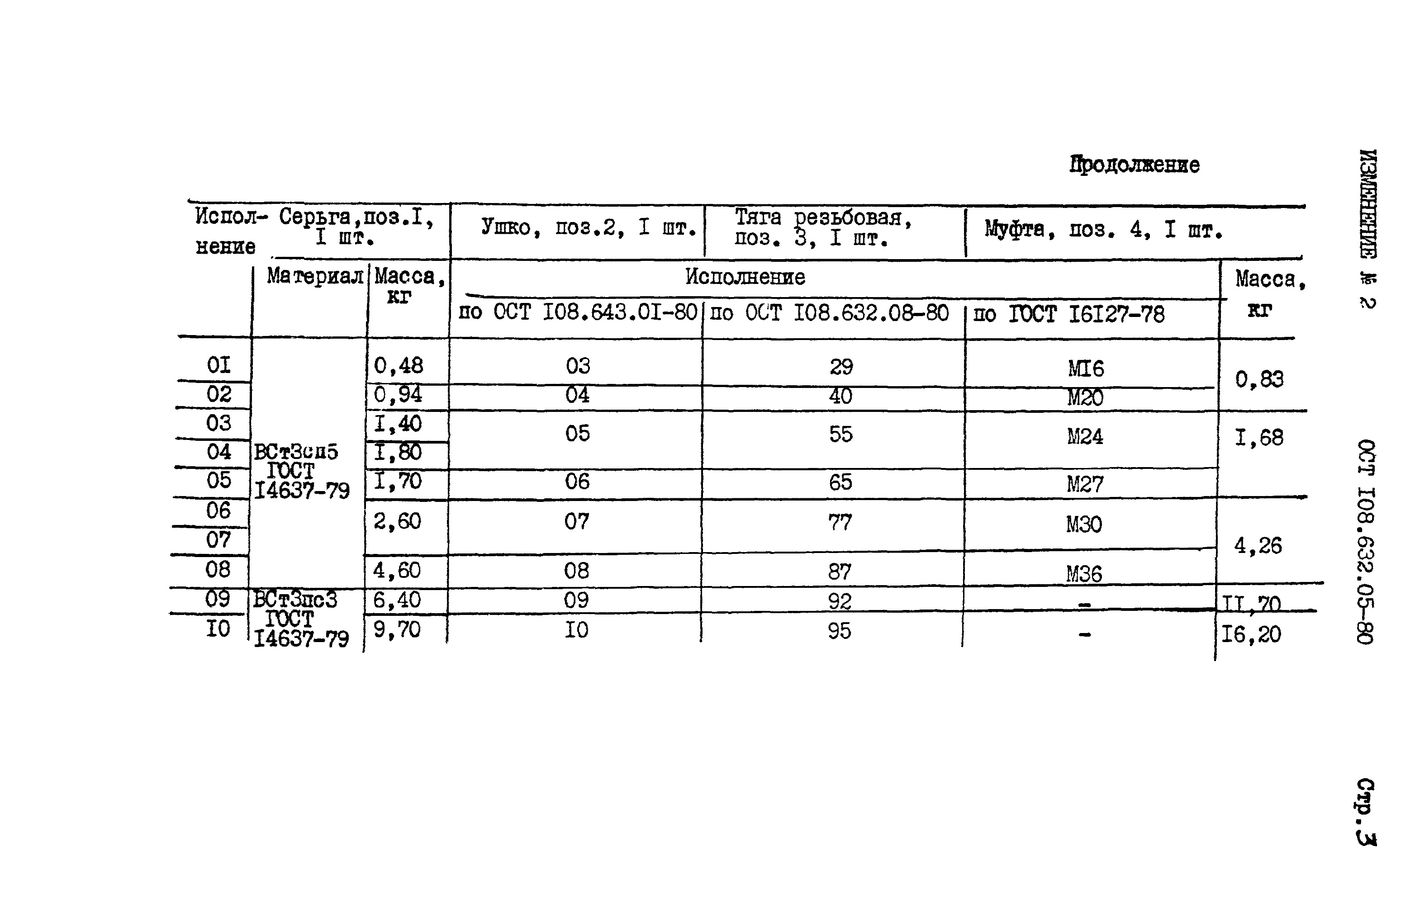 Тяги резьбовые с серьгой и муфтой ОСТ 108.632.05-80 стр.7